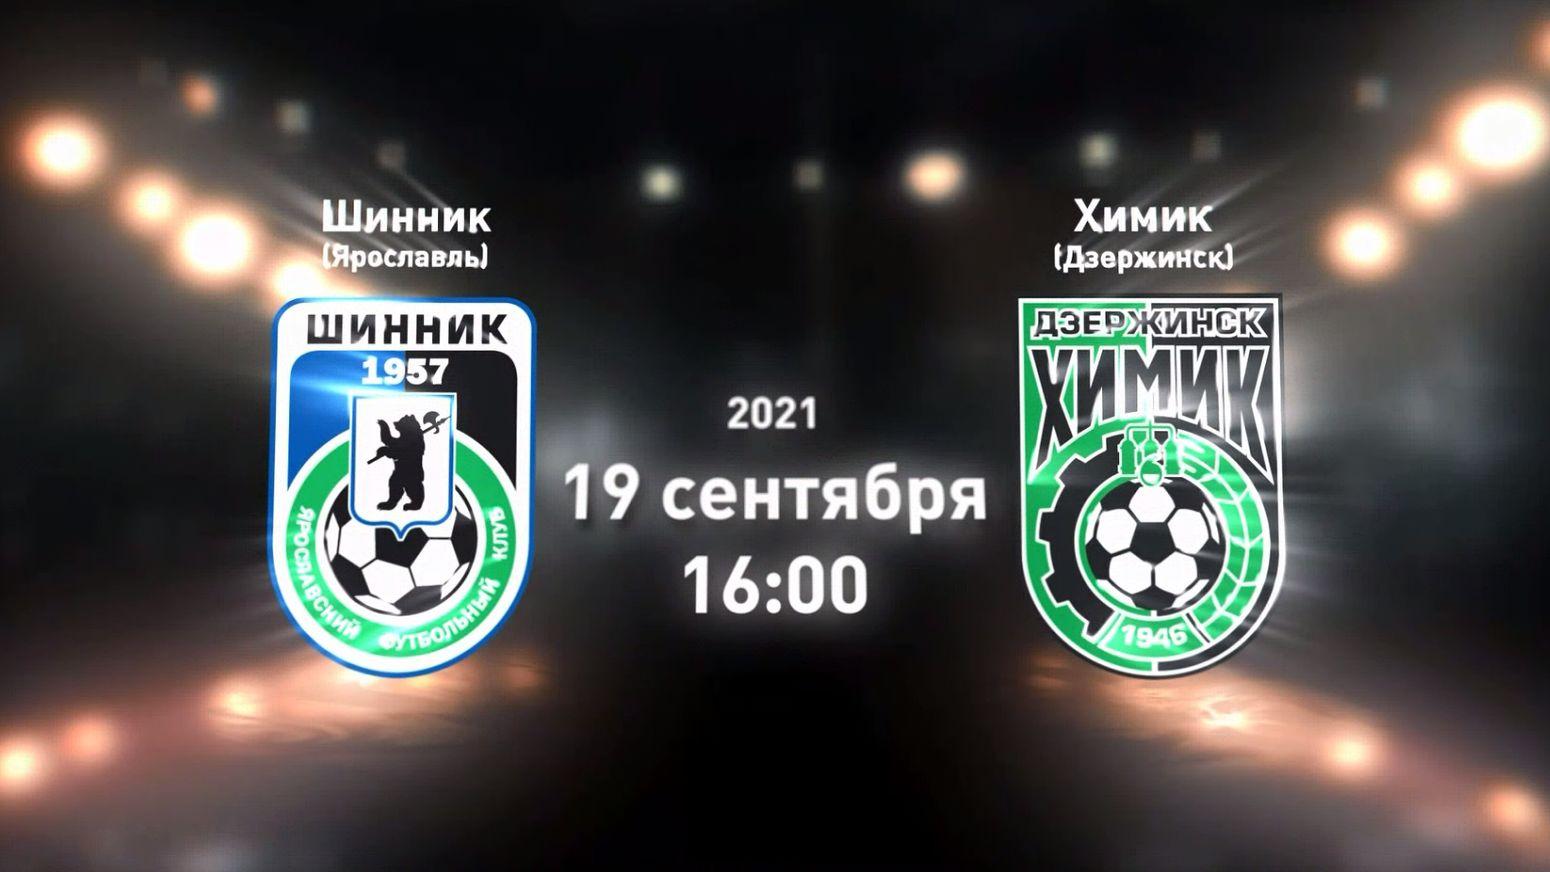 Спортивные выходные на «Первом Ярославском» продолжаются - сегодня футбол!